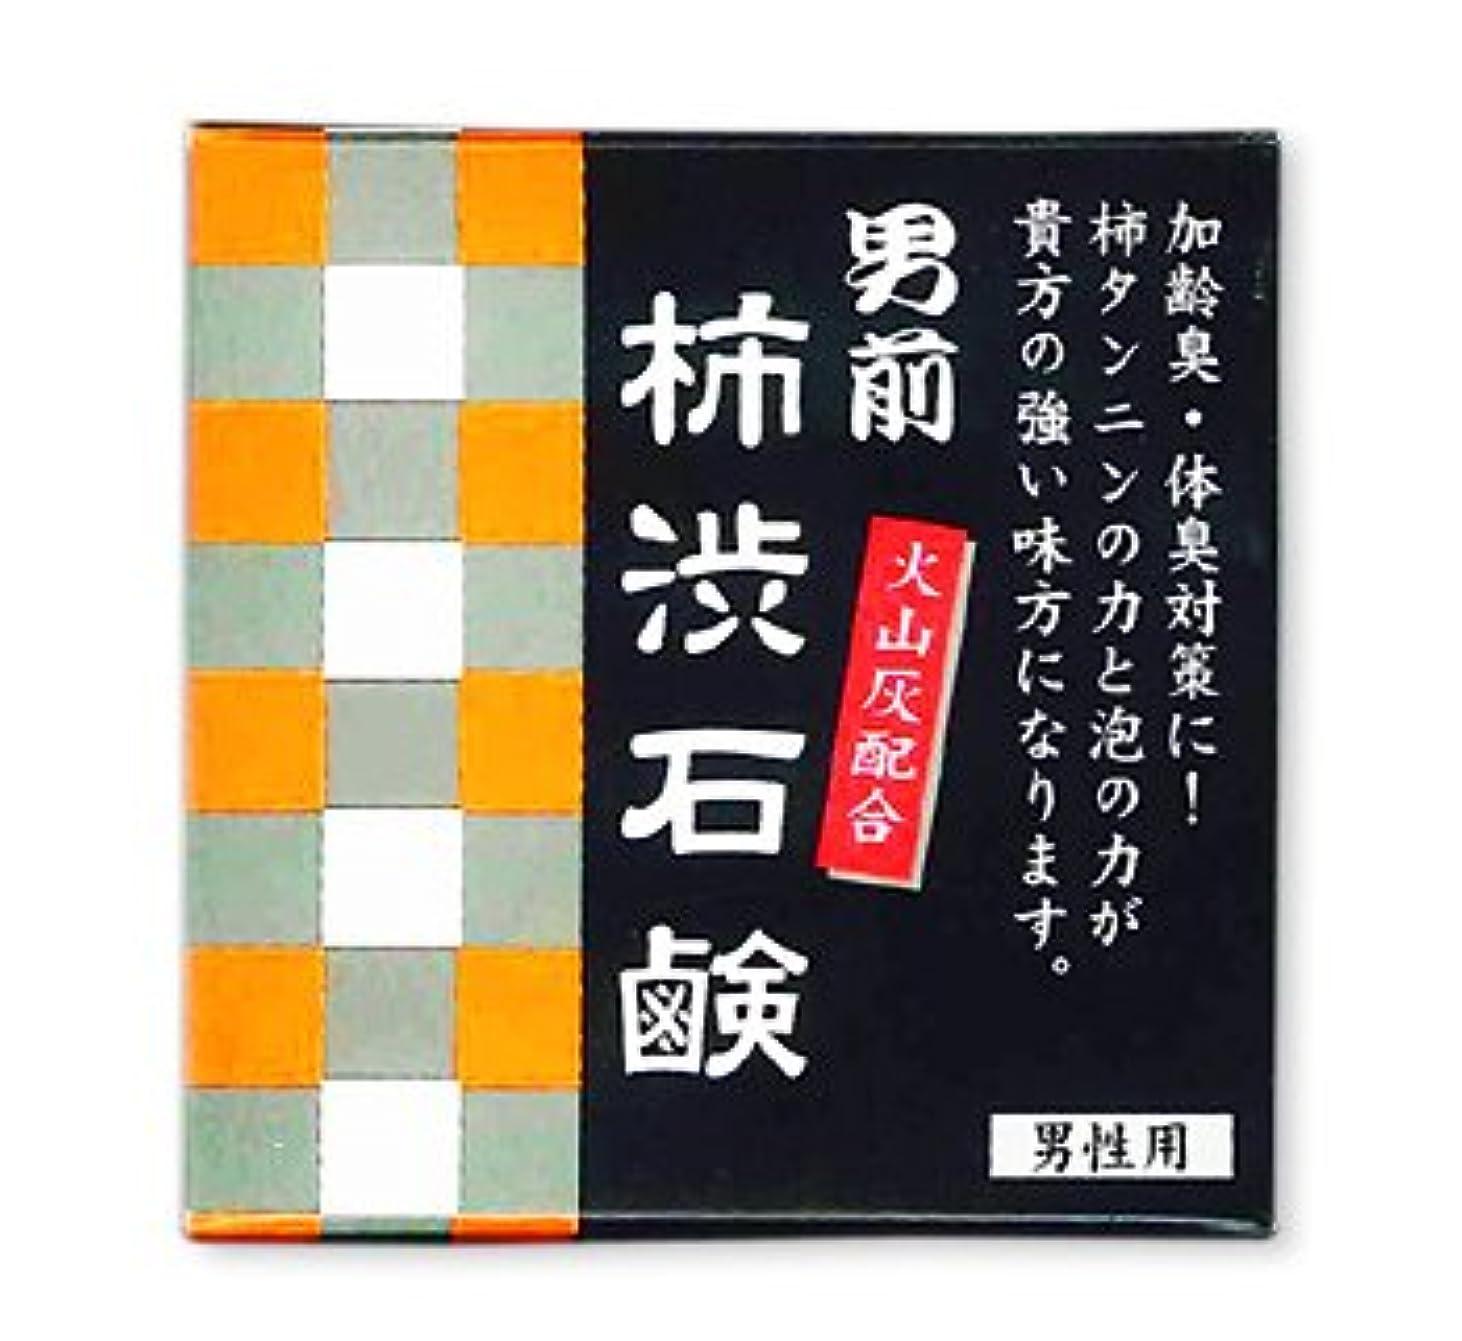 エレガントロシア微妙男磨けっ! 男前 柿渋石鹸 (80g)×10個セット? 加齢臭 体臭 対策